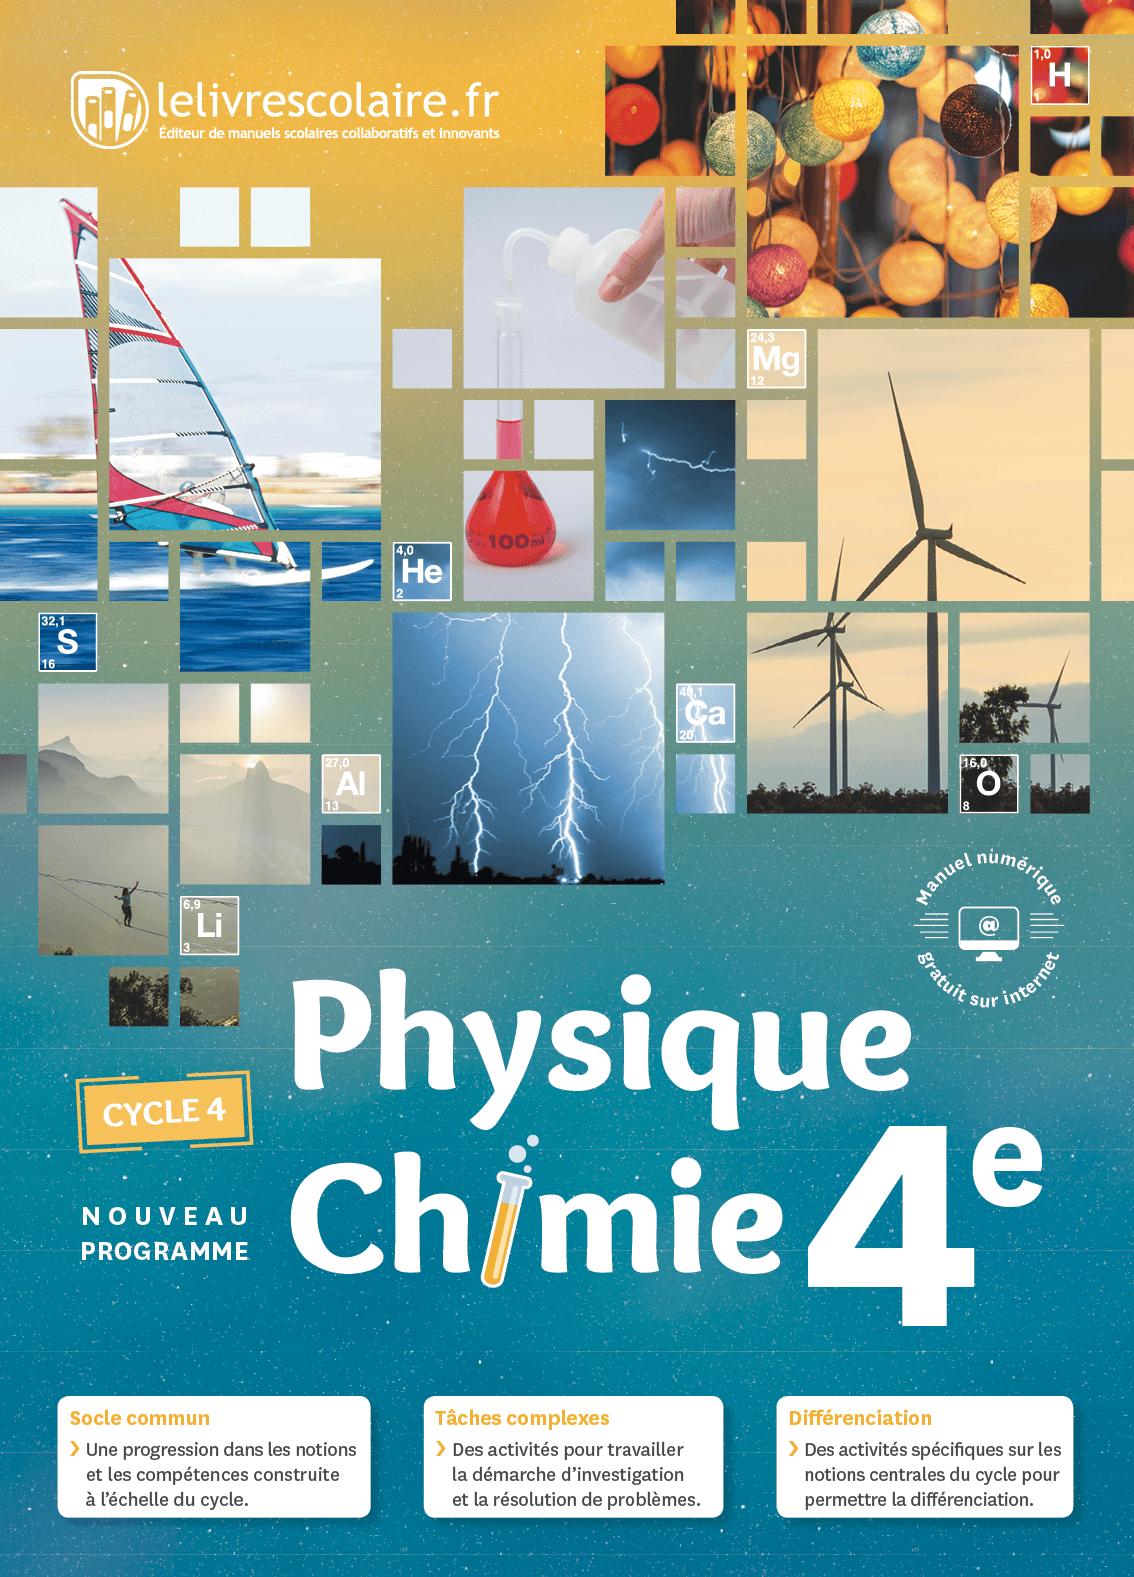 Communauté du manuel Physique-Chimie 4e 2017